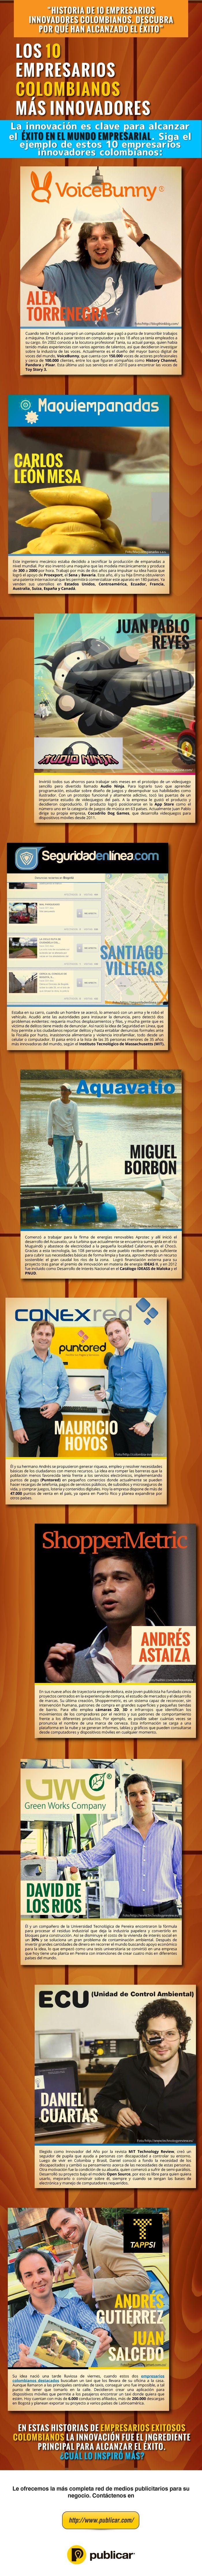 Historias de Emprendedores Colombianos Innovadores